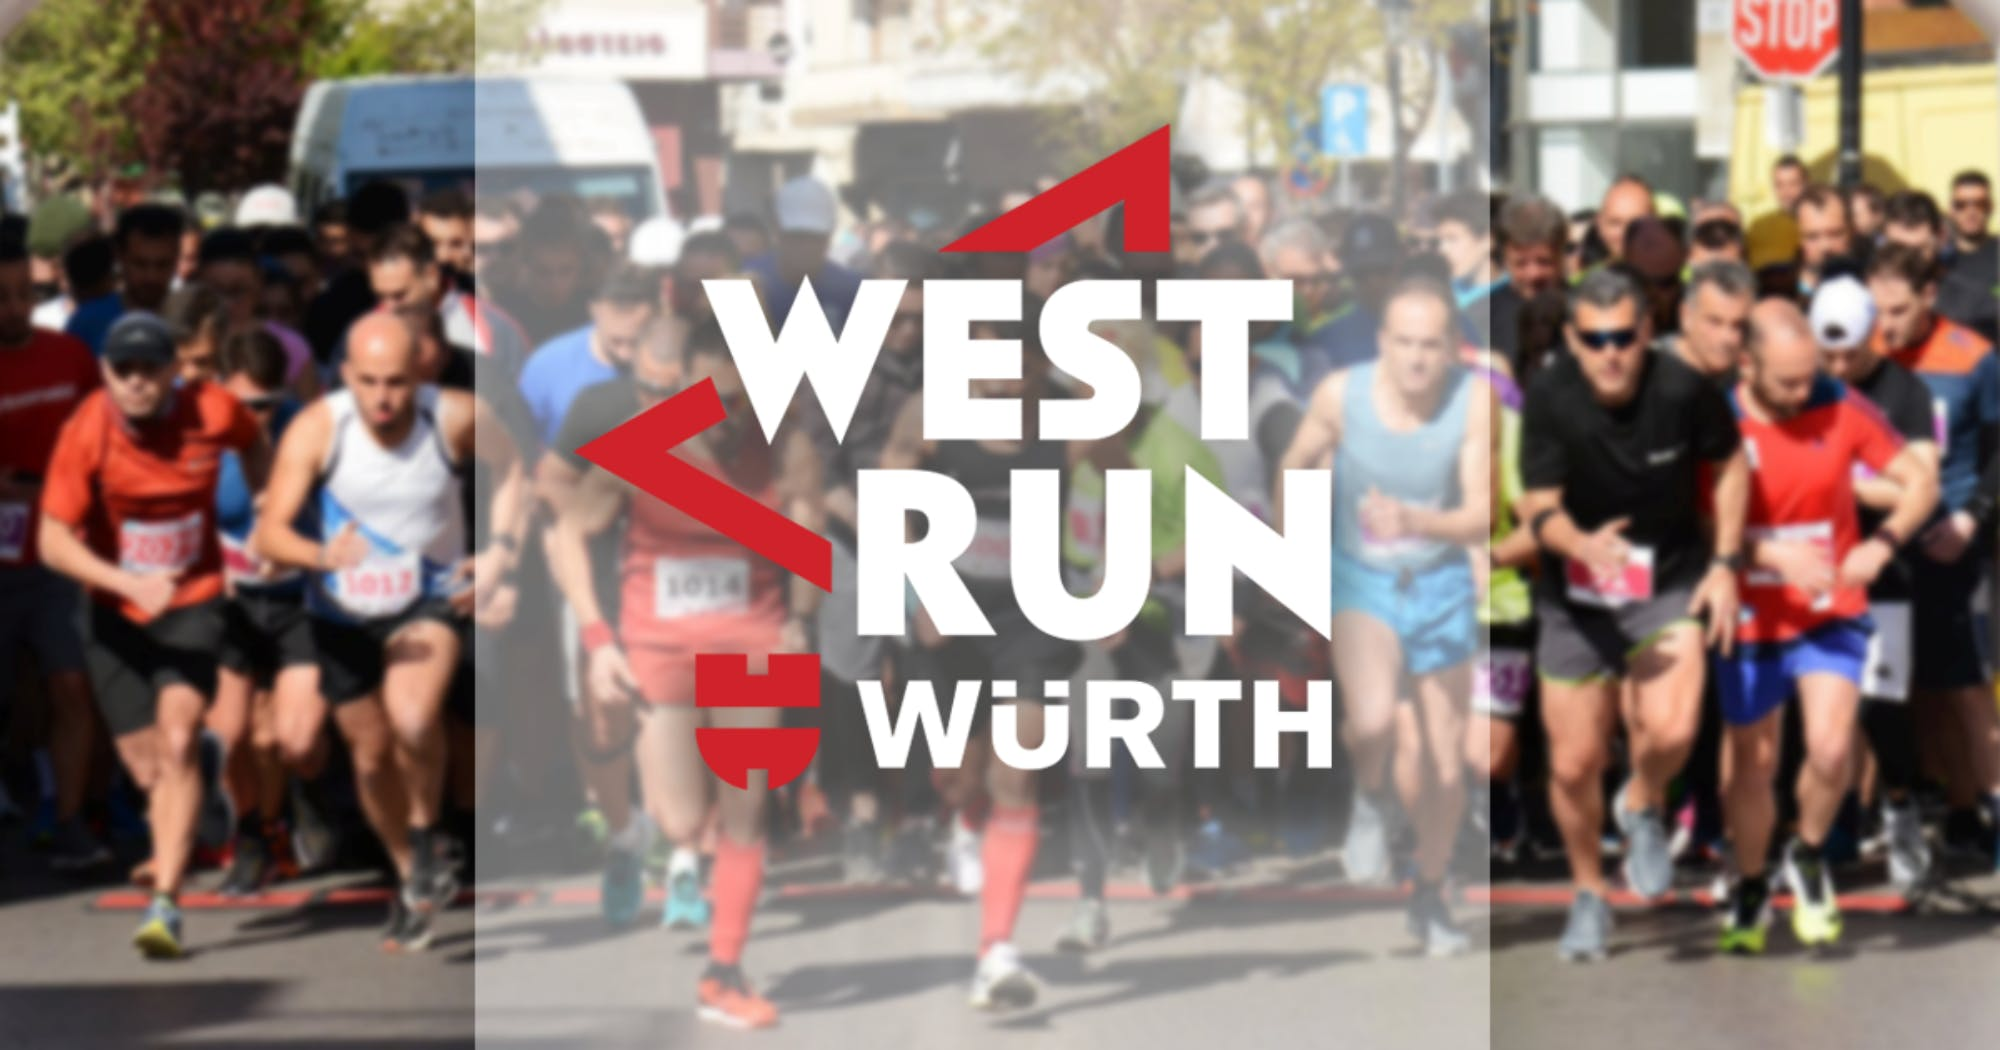 Η προκήρυξη του 1ου West Run Würth